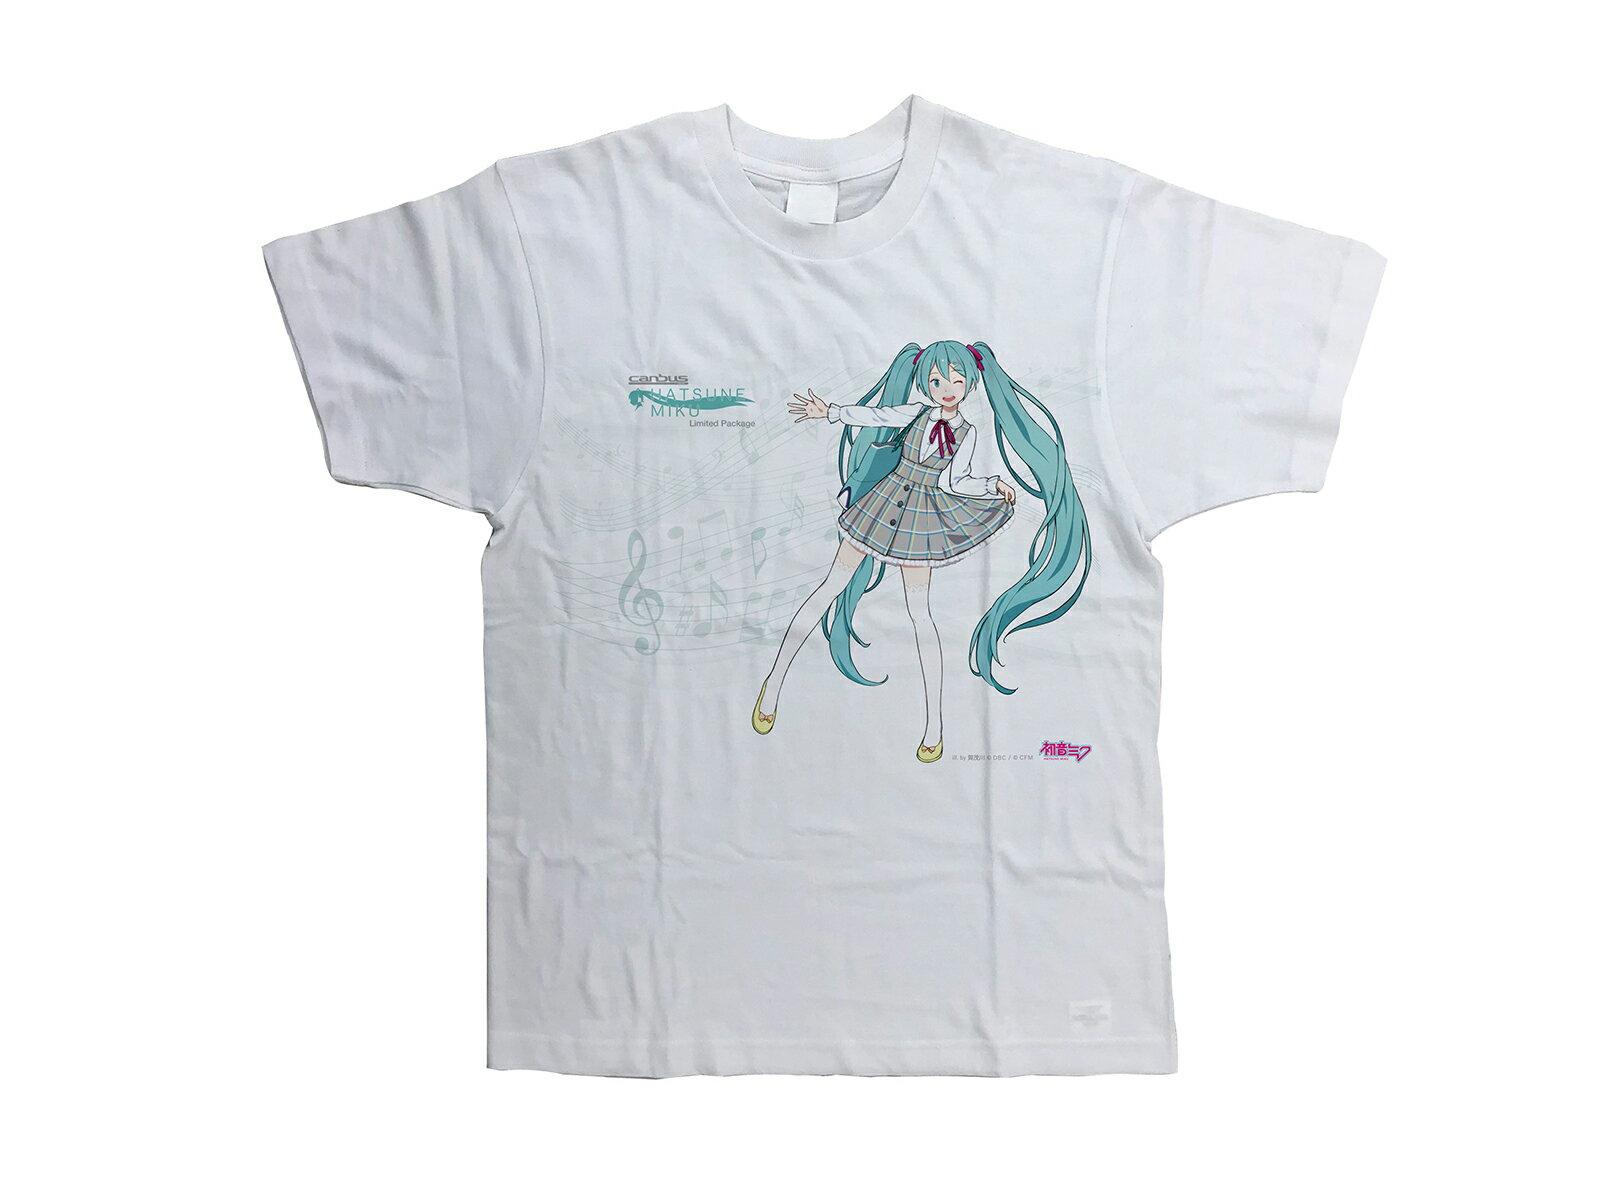 ダイハツ ムーヴキャンバス 初音ミク リミテッドパッケージ (MOVE CANBUS HATSUNE MIKU Limited Package)Tシャツ